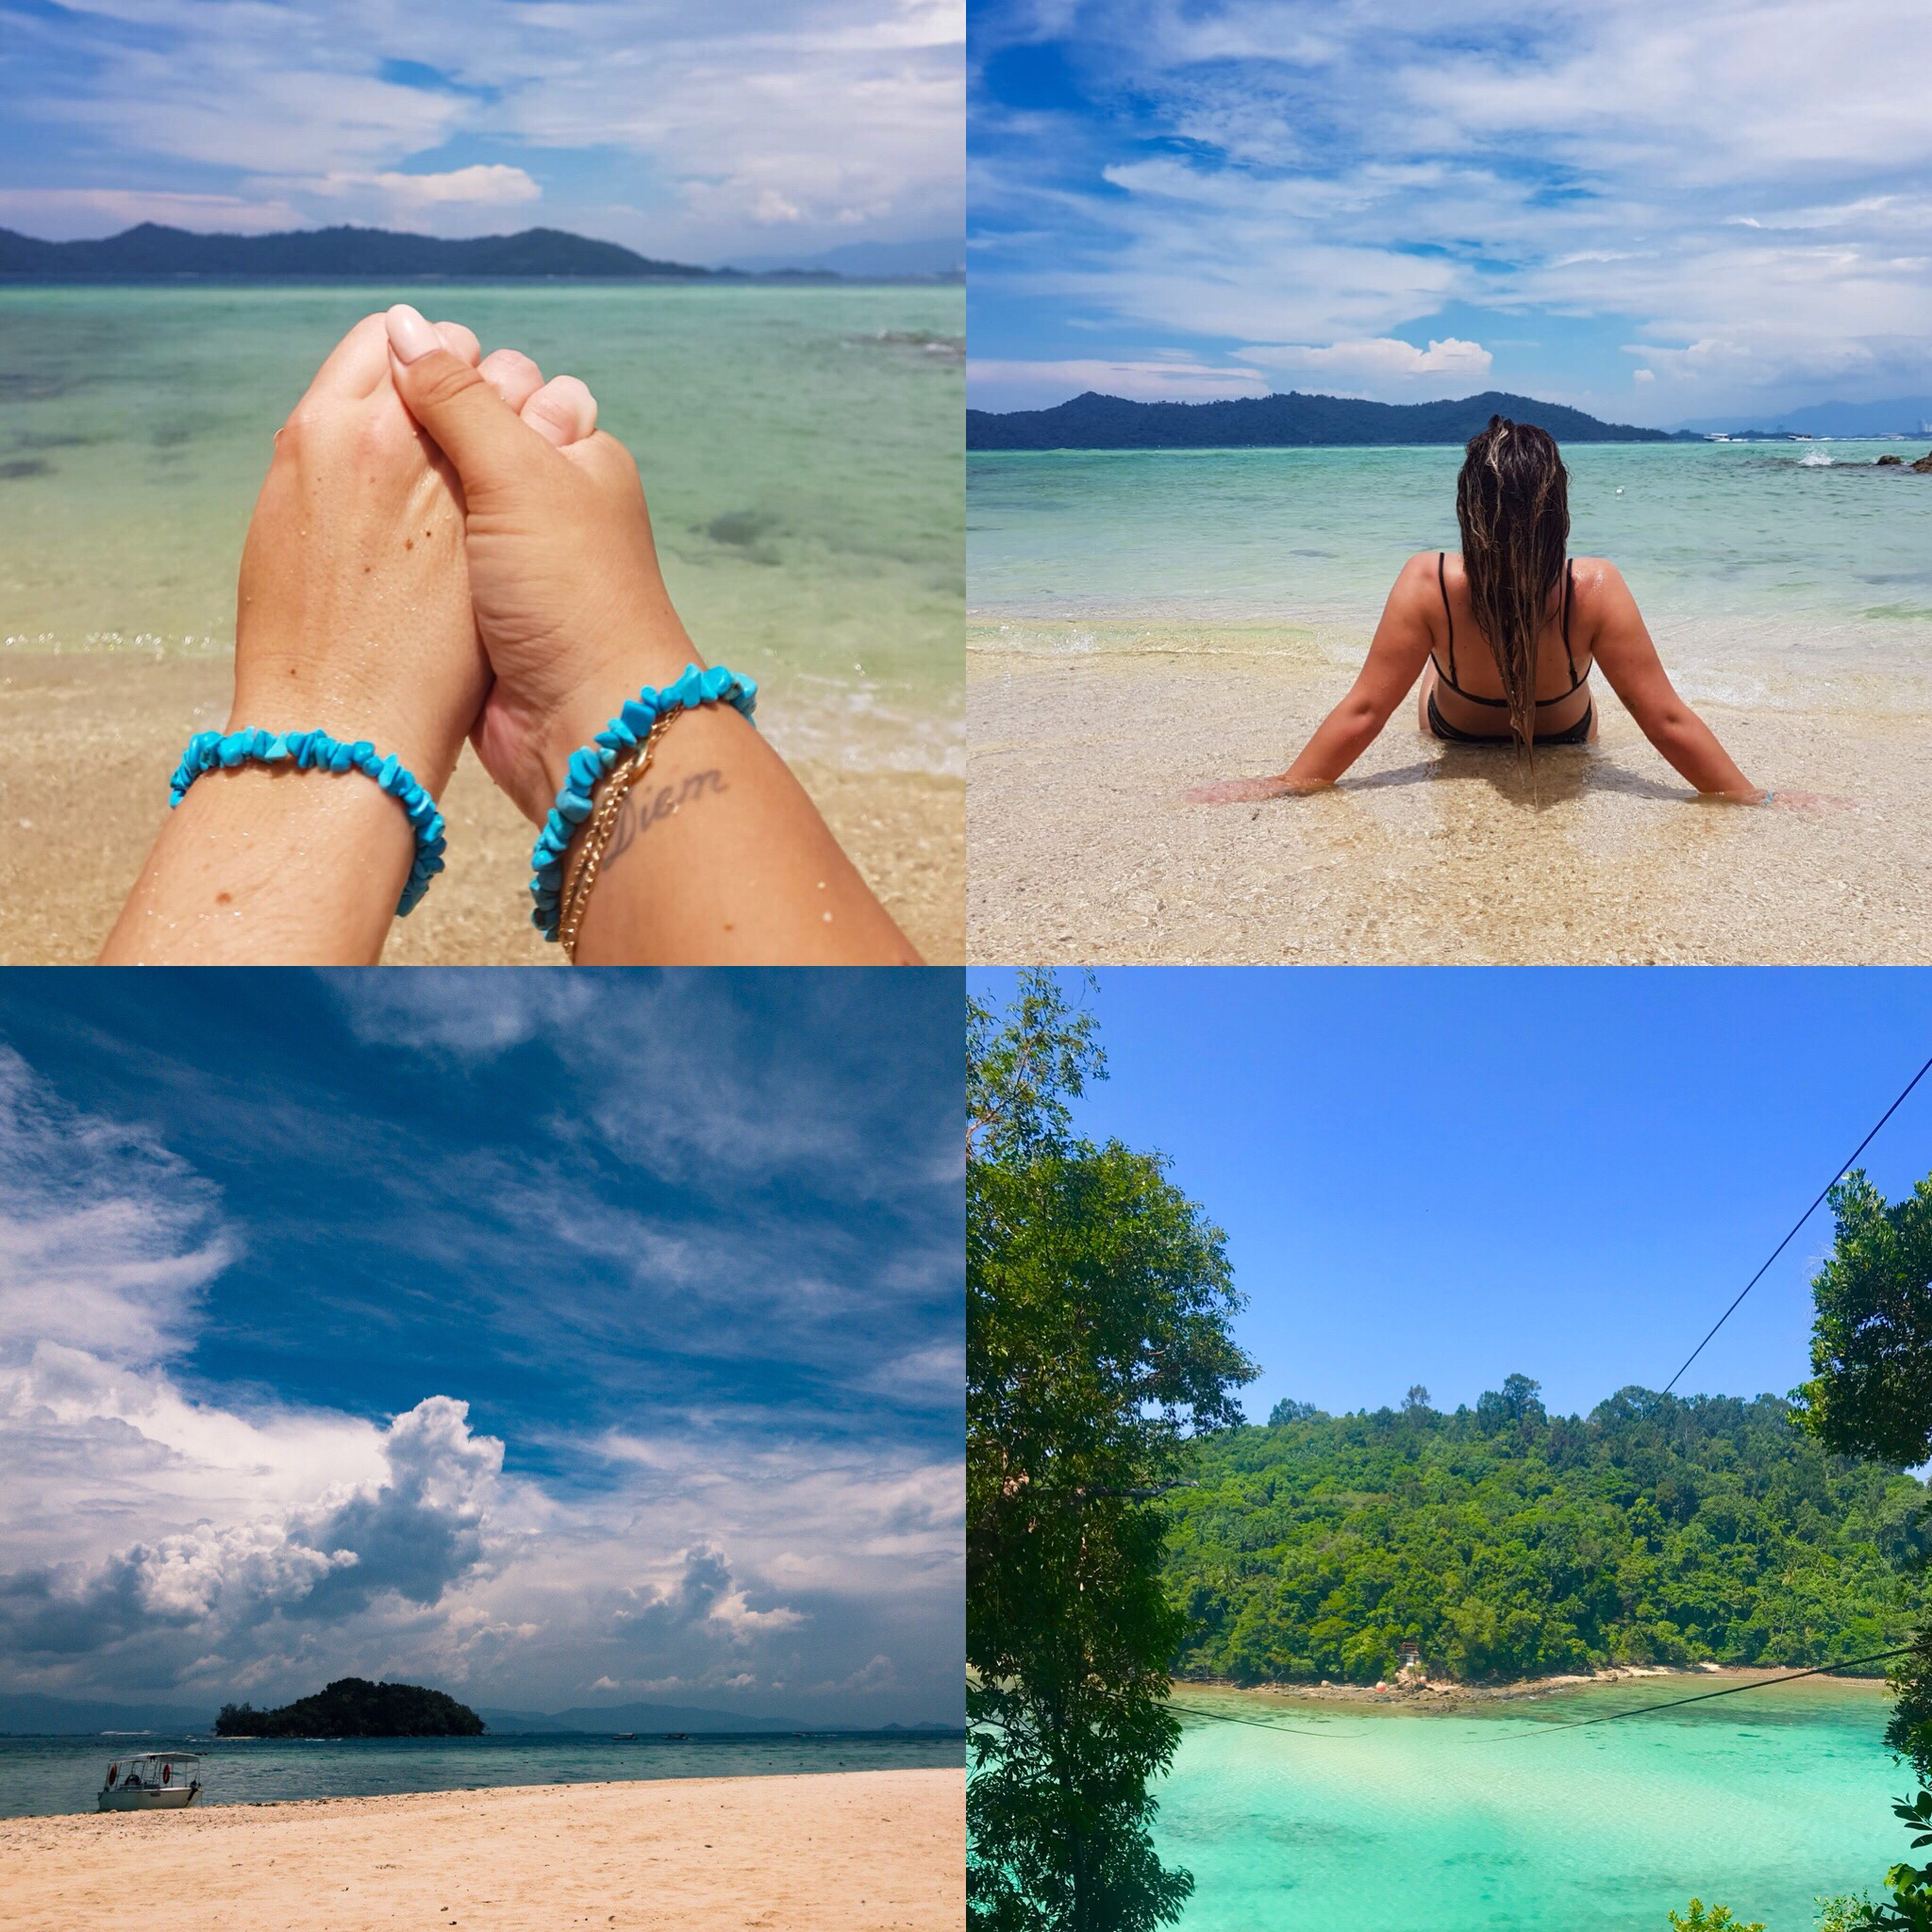 Bescherm armbandjes van bestie C gehad, Beachbabe Tess, tropical island vibes en ziplinen over de zee!